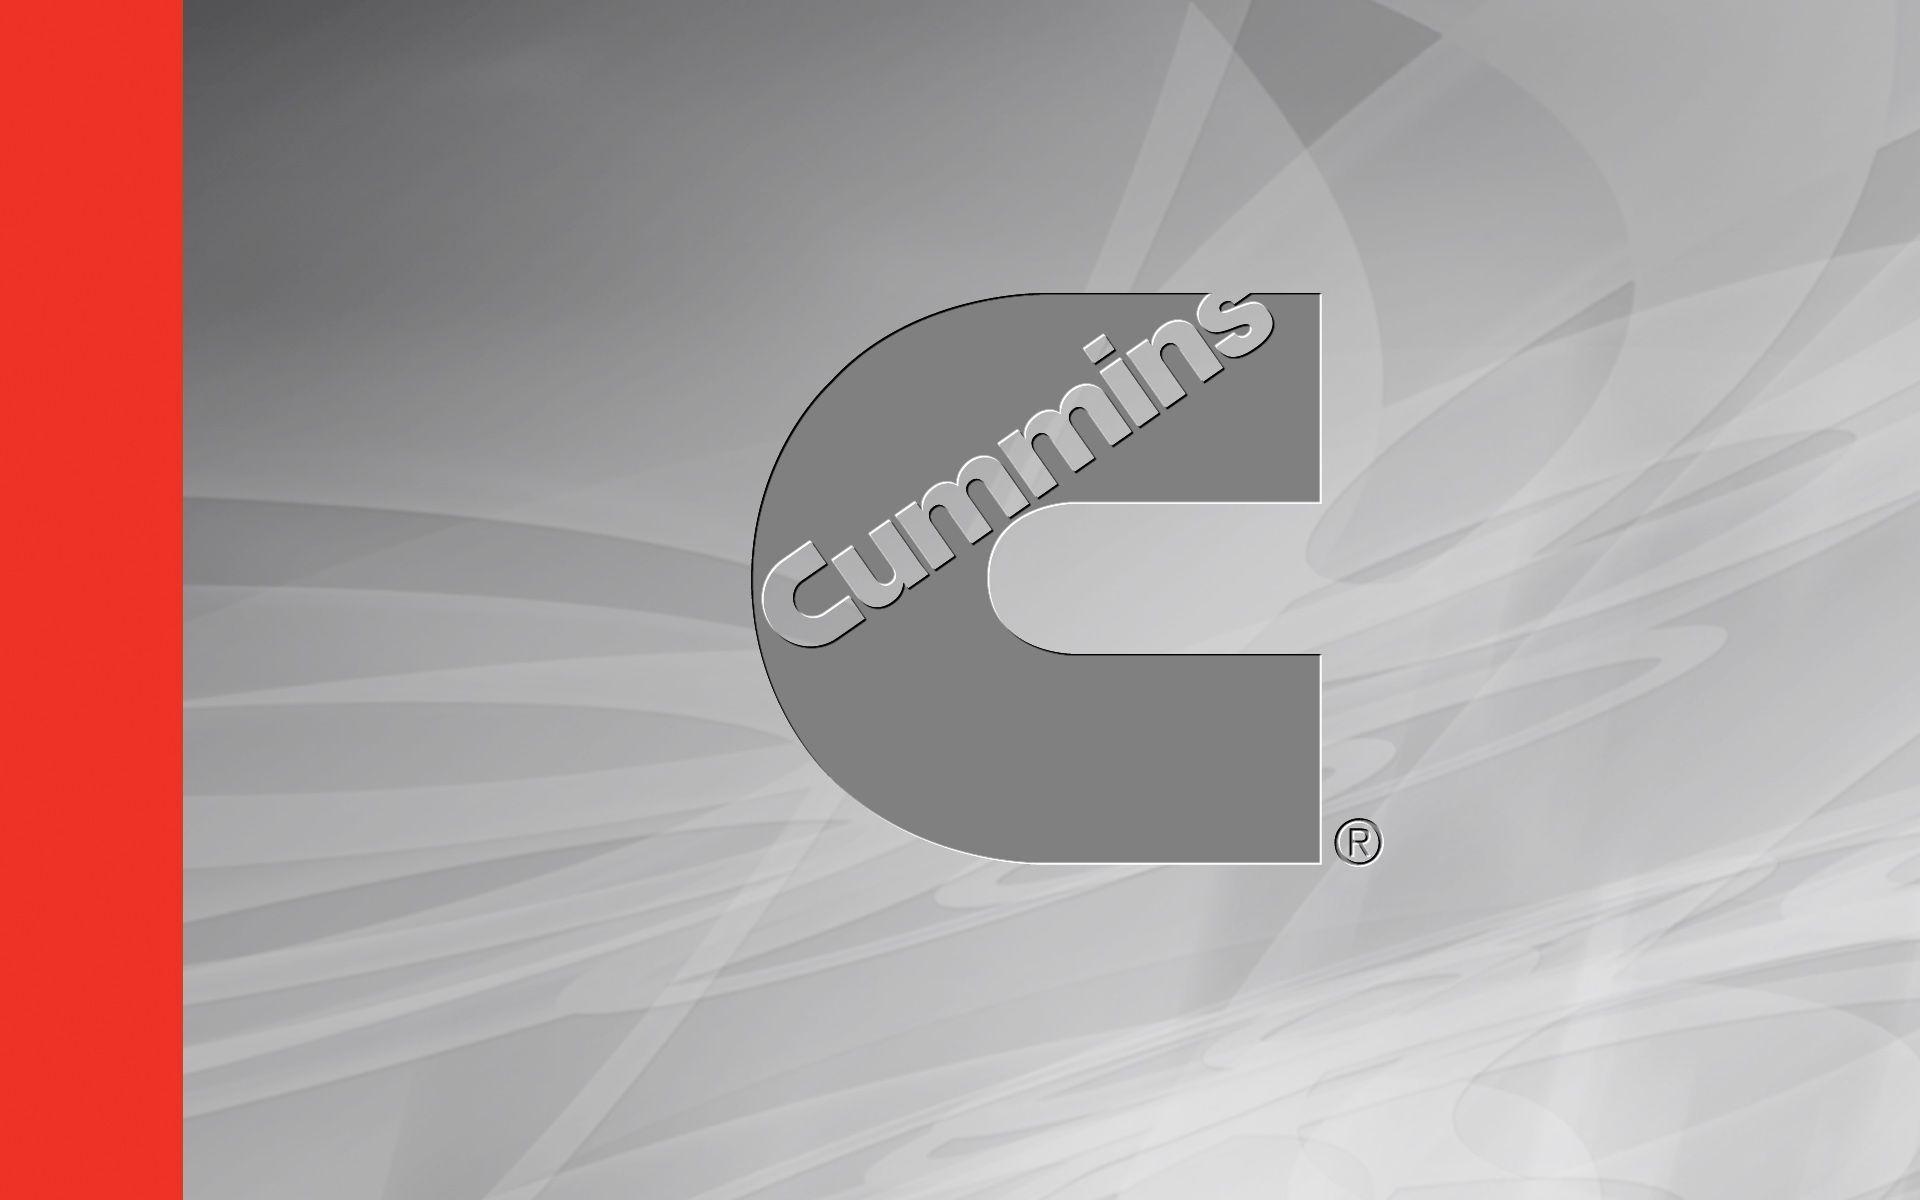 Cummins Diesel Wallpaper – WallpaperSafari